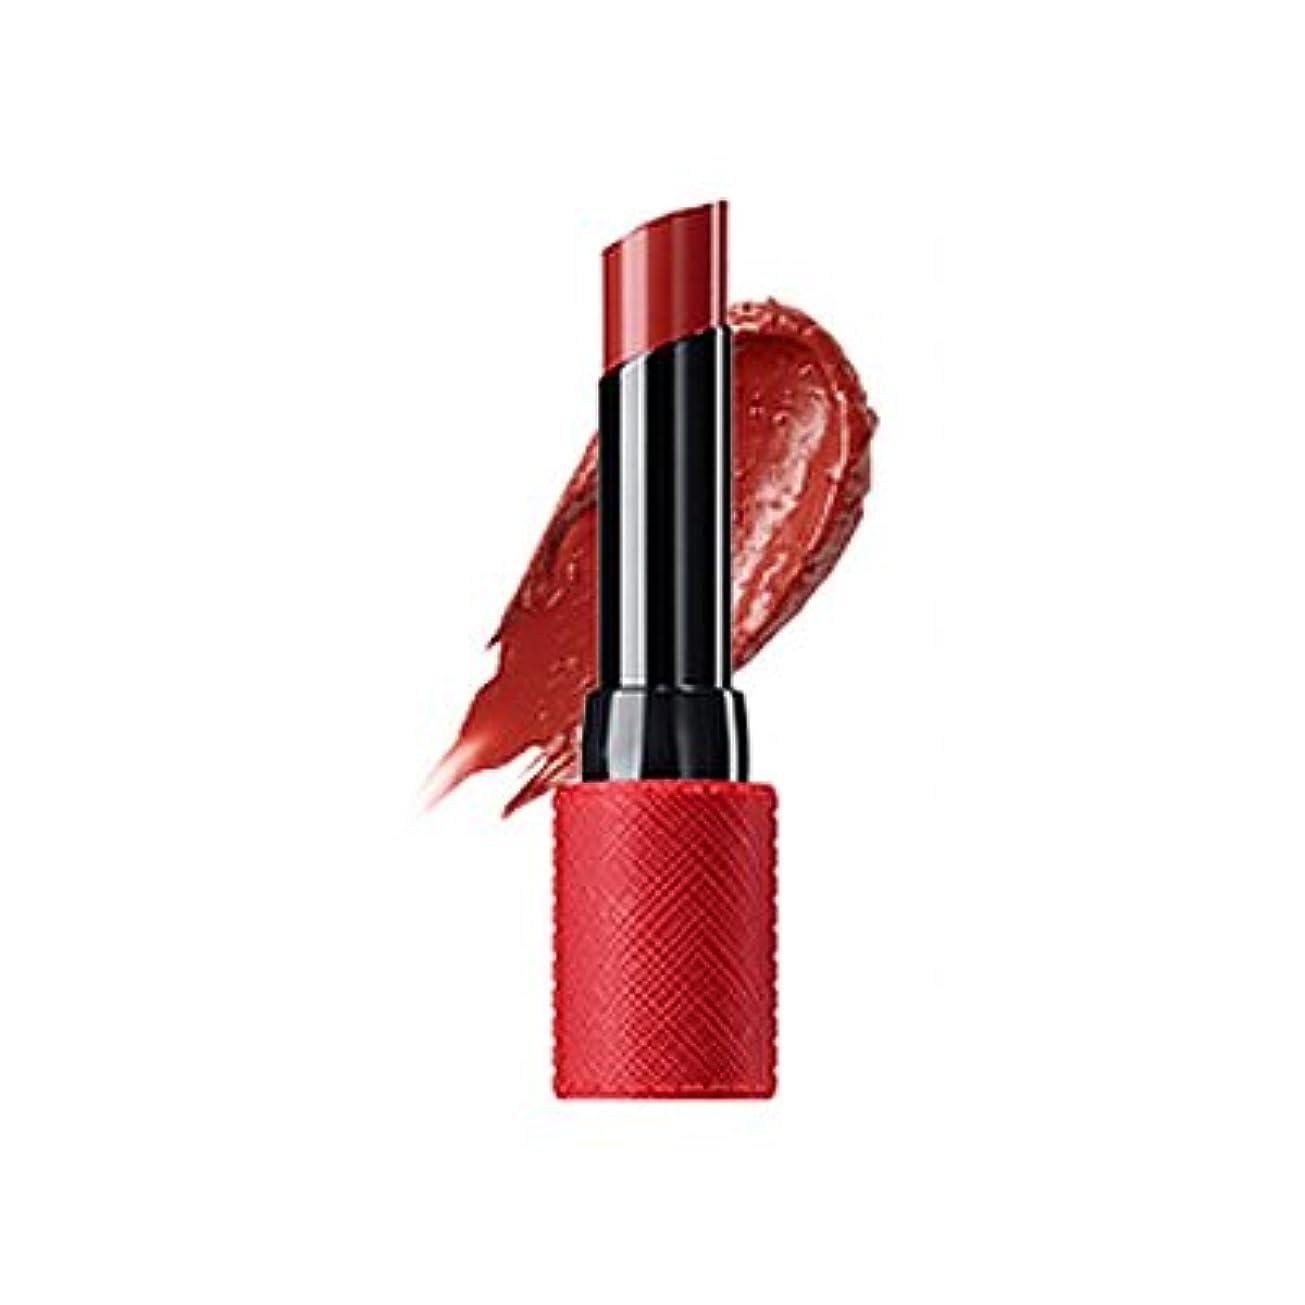 ほかにサンダーイノセンス【The Saem】ザセム キスホリック リップスティック S レッドブリック/Kissholic Lipstick S Red Brick / RD06